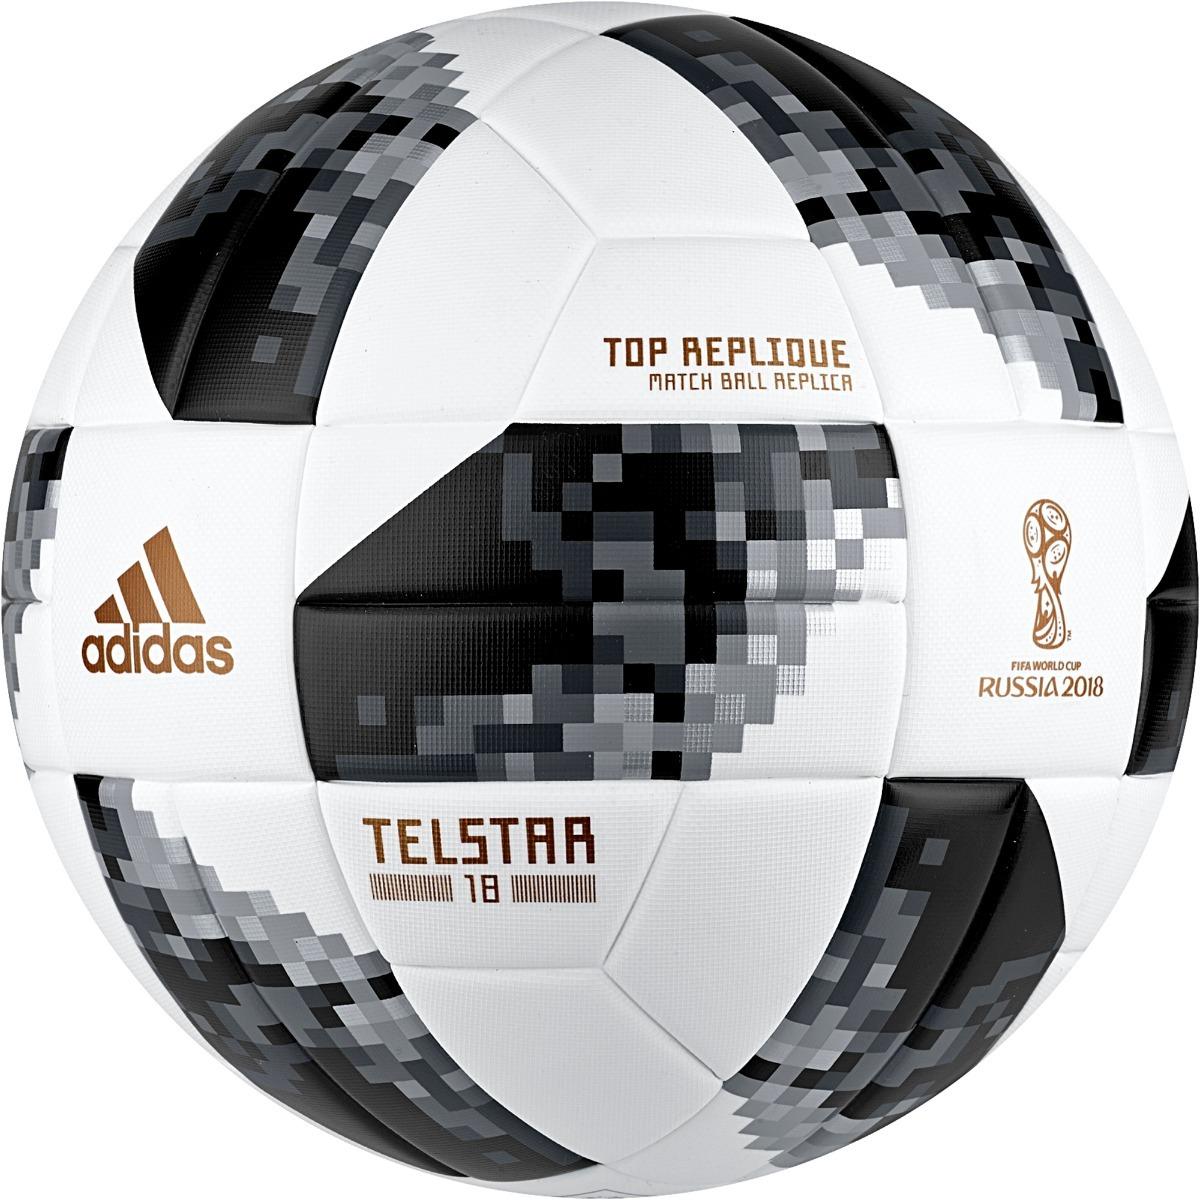 7b7e35cba pelota adidas mundial rusia 2018 top replica n°5 - adidas. Cargando zoom.